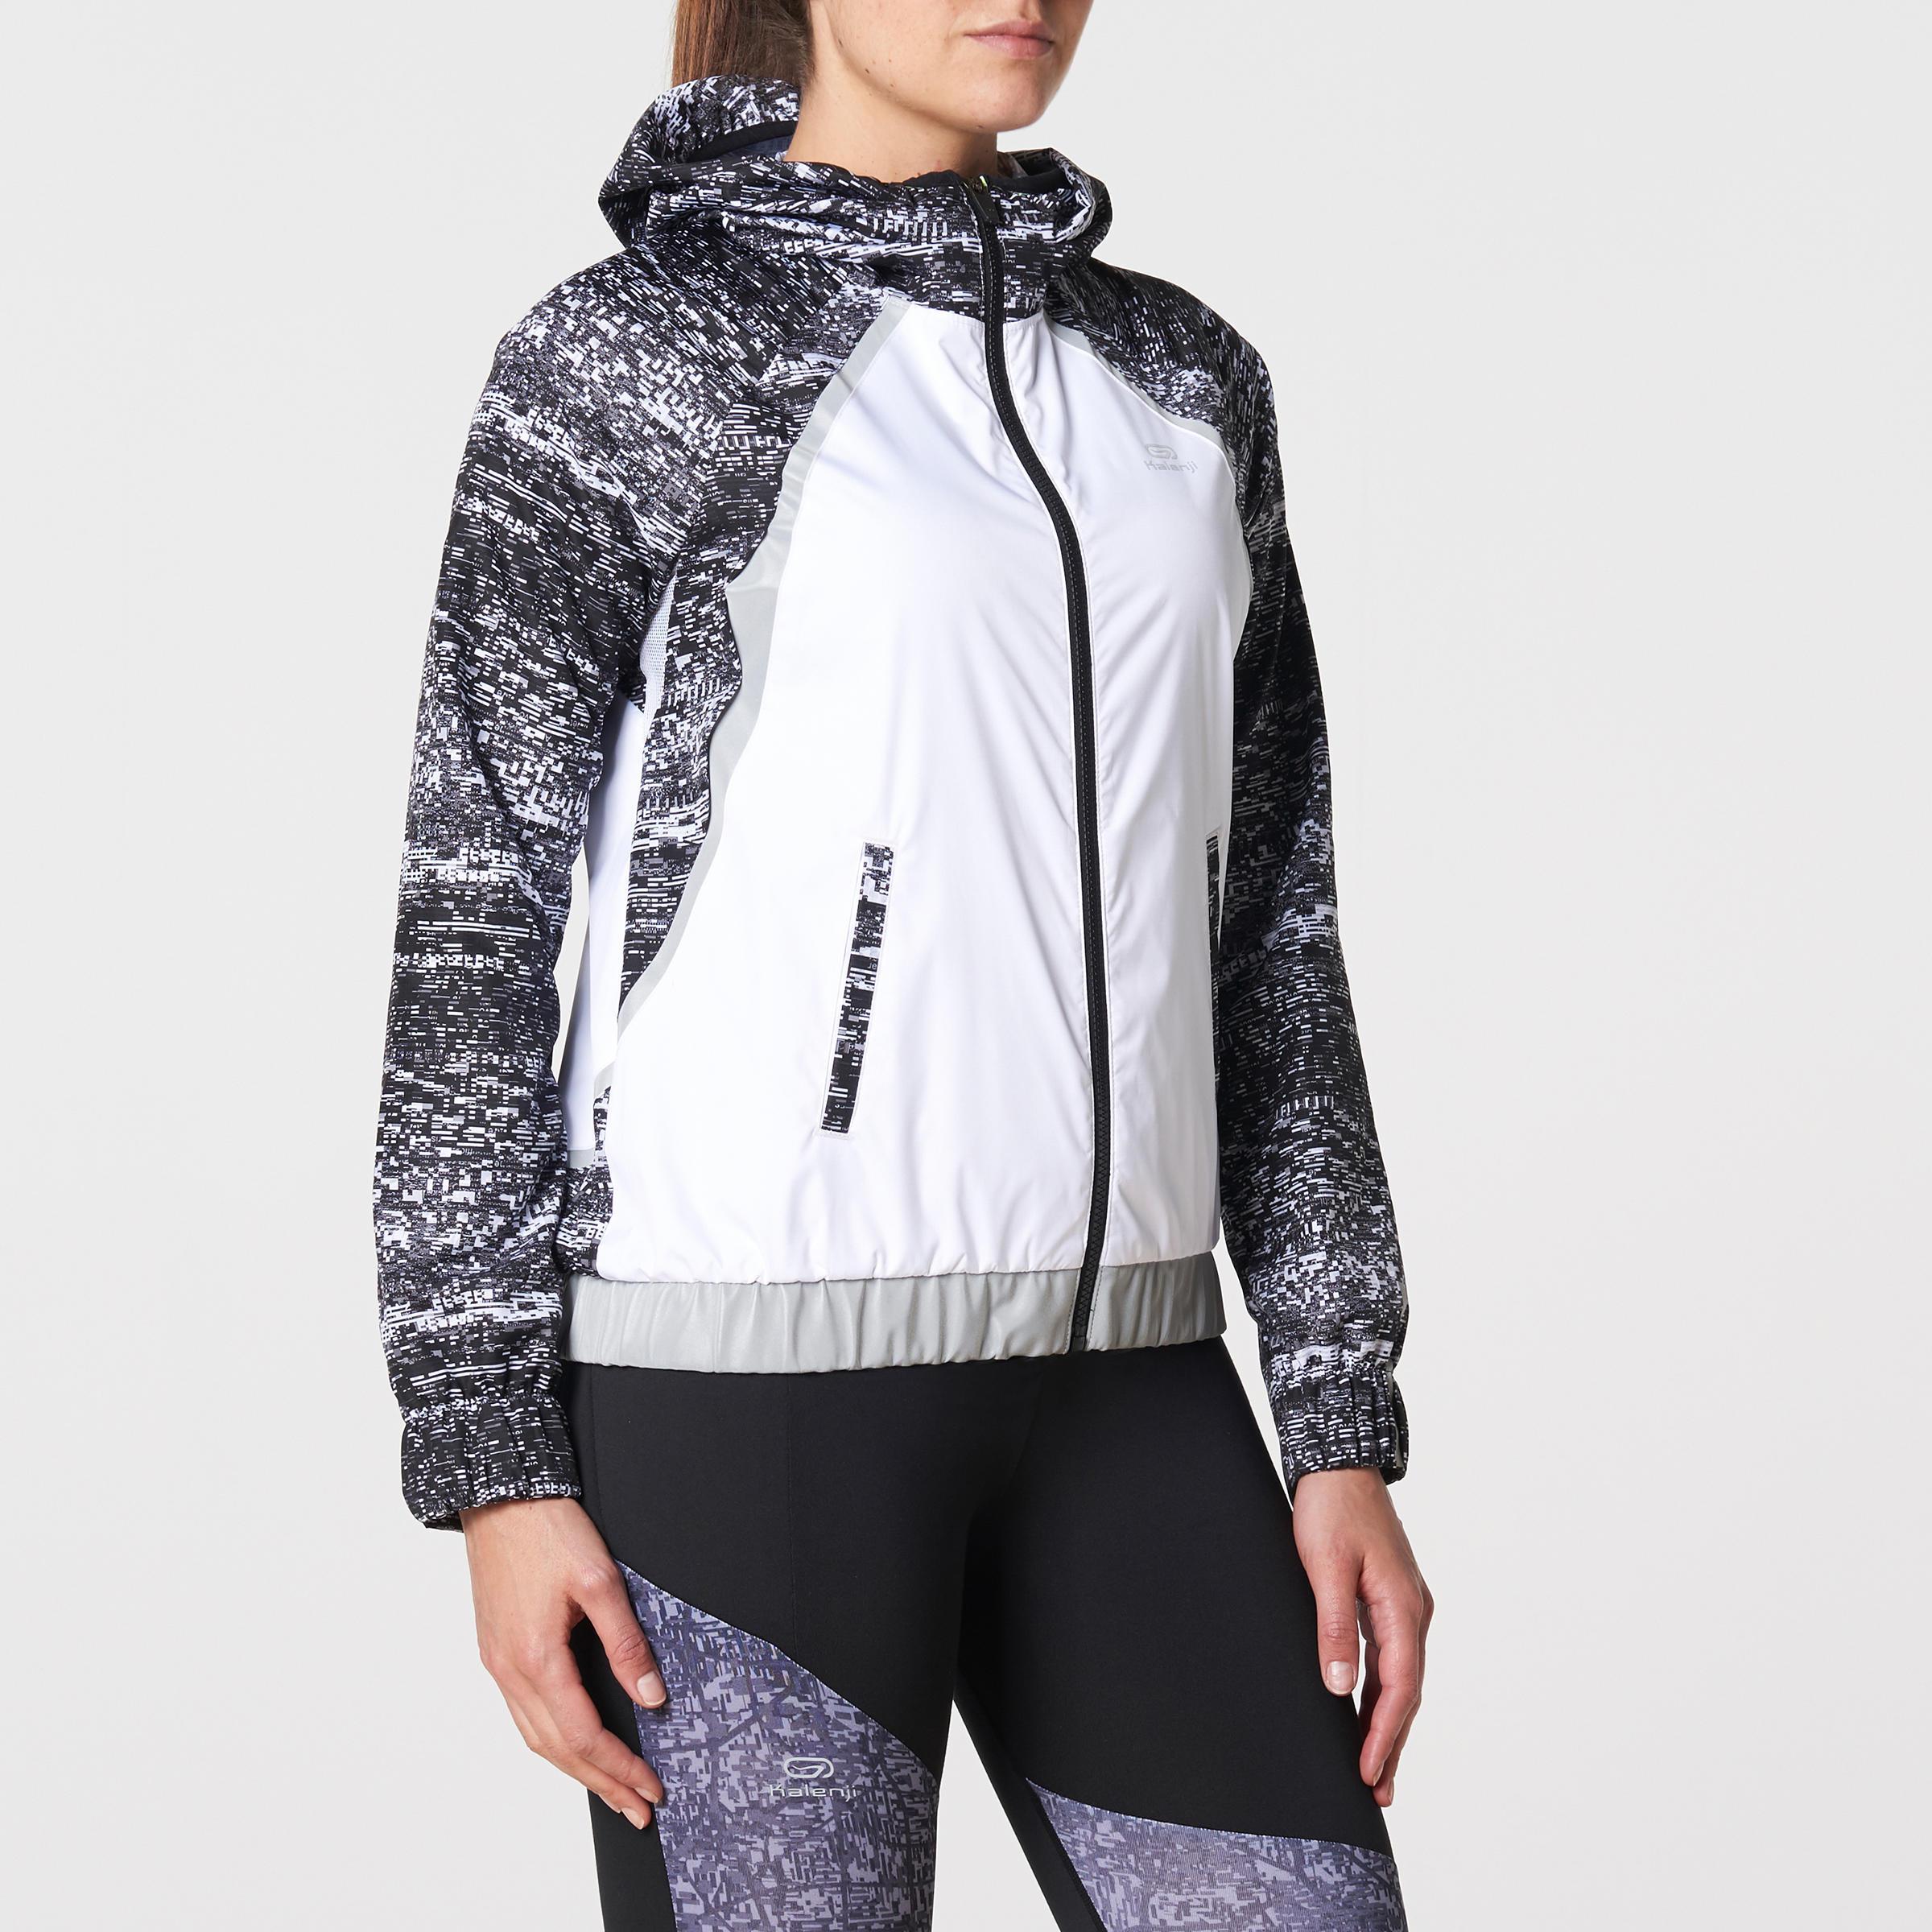 Jogging La Femme Course De Sous Soir Veste Blanche Pluie 3RqAjL54